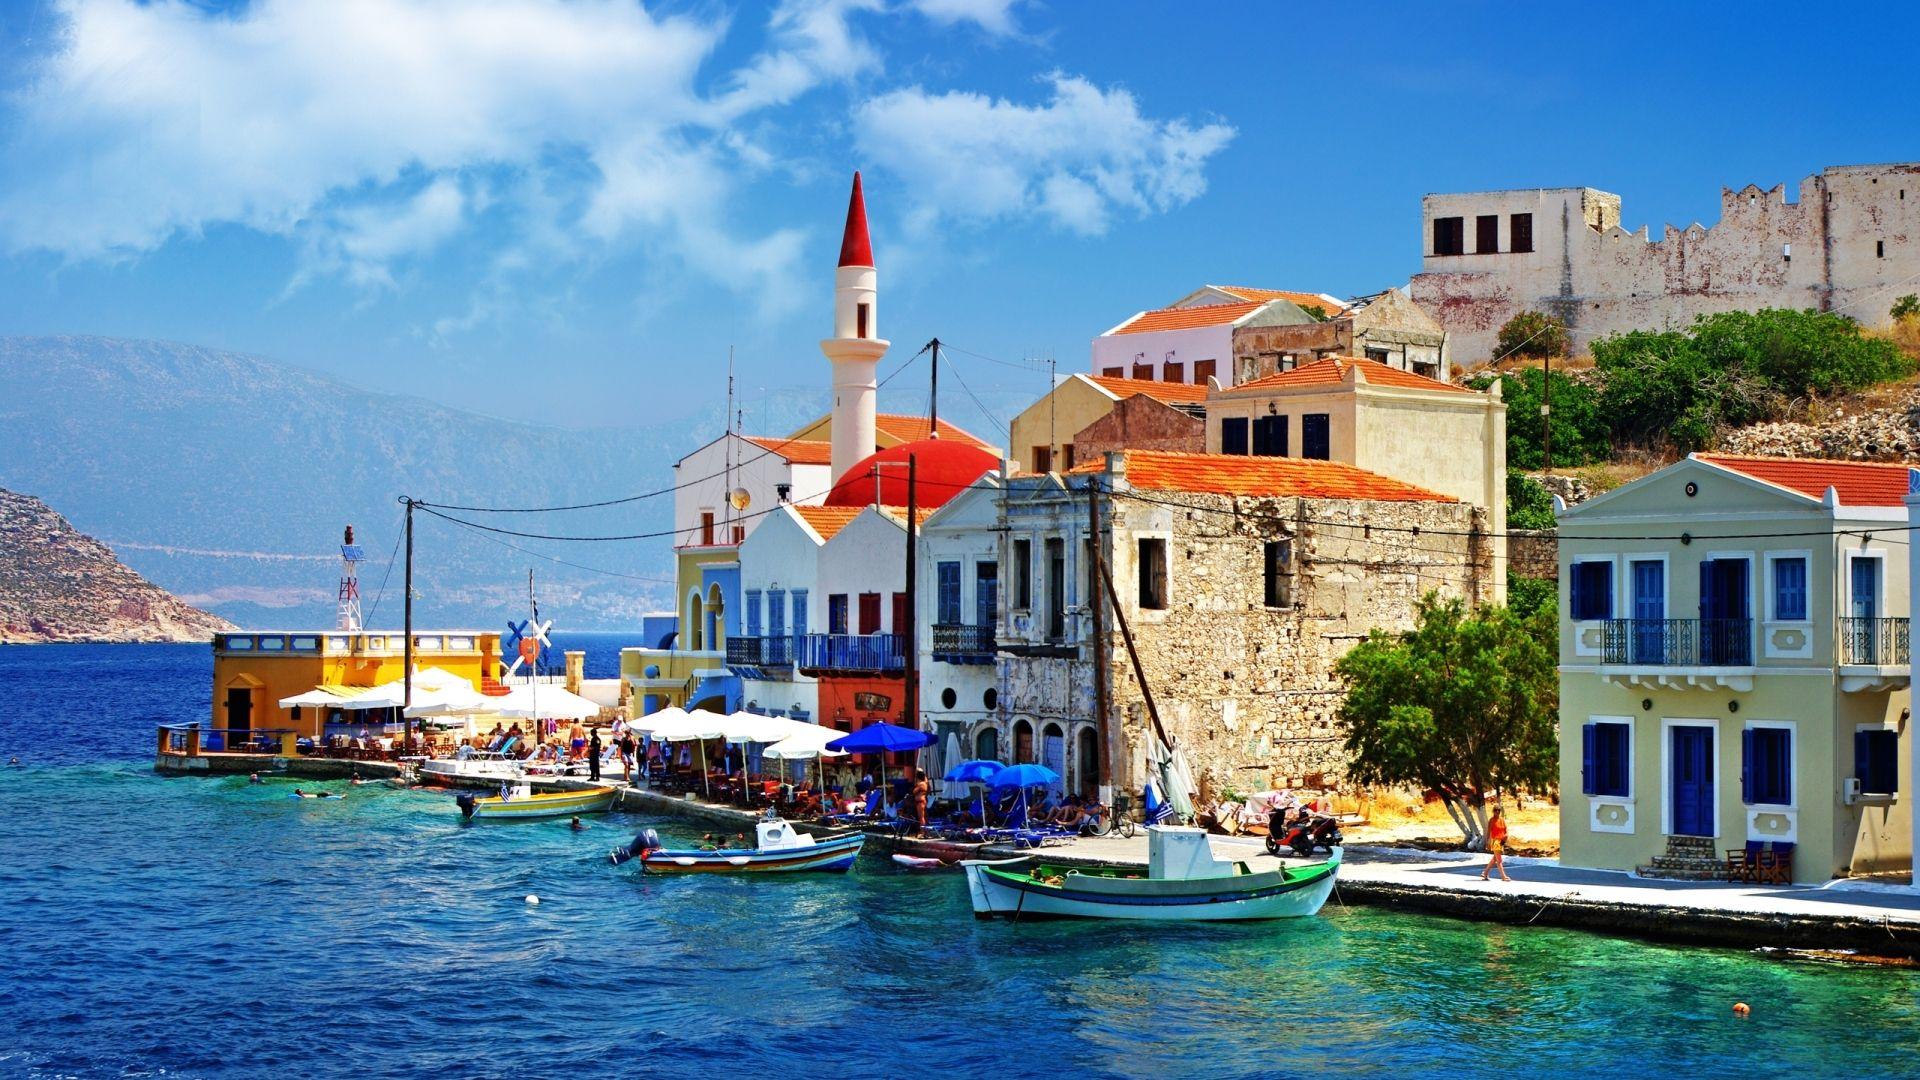 Alquiler de yates en Grecia. Alquiler de barcos en Grecia. Barcos baratos de alquiler en Grecia